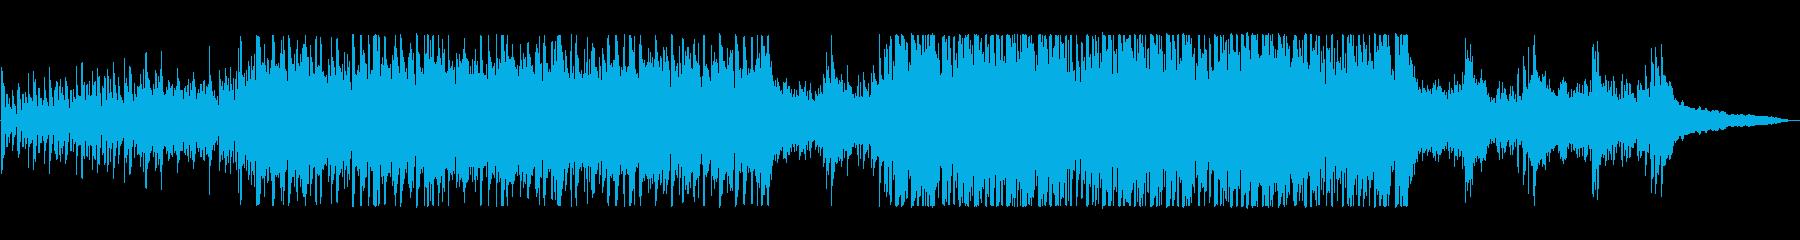 軽快でリズミカルなBGMの再生済みの波形